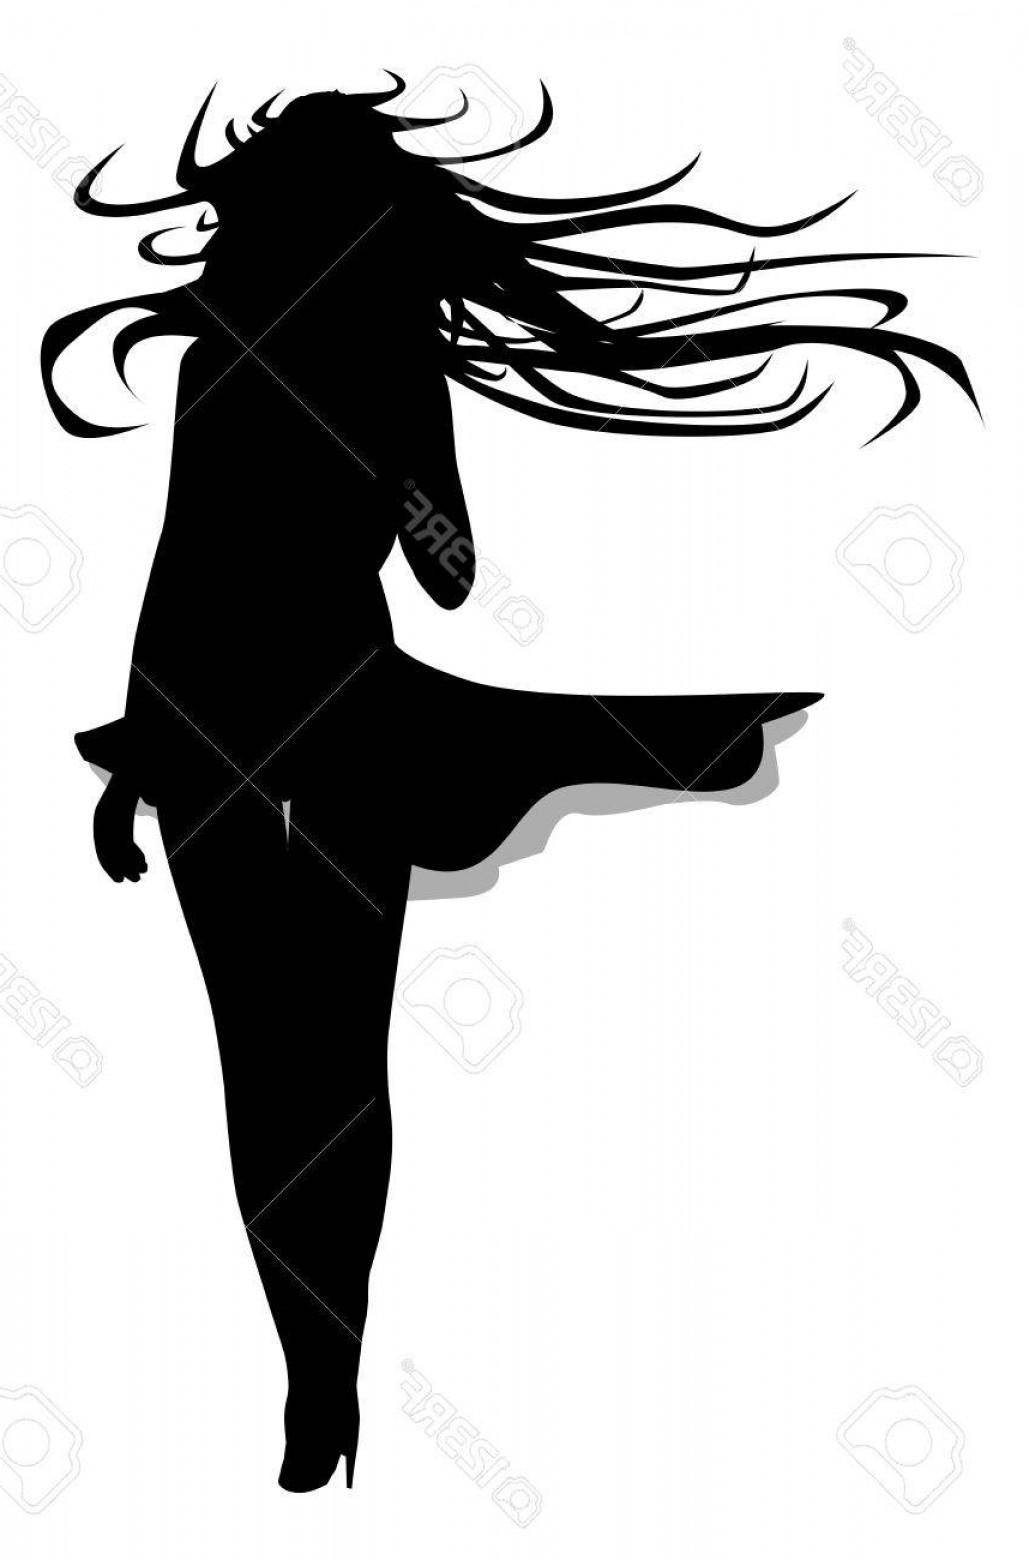 1029x1560 Woman Blowing Hair Silhouette Vector Lazttweet